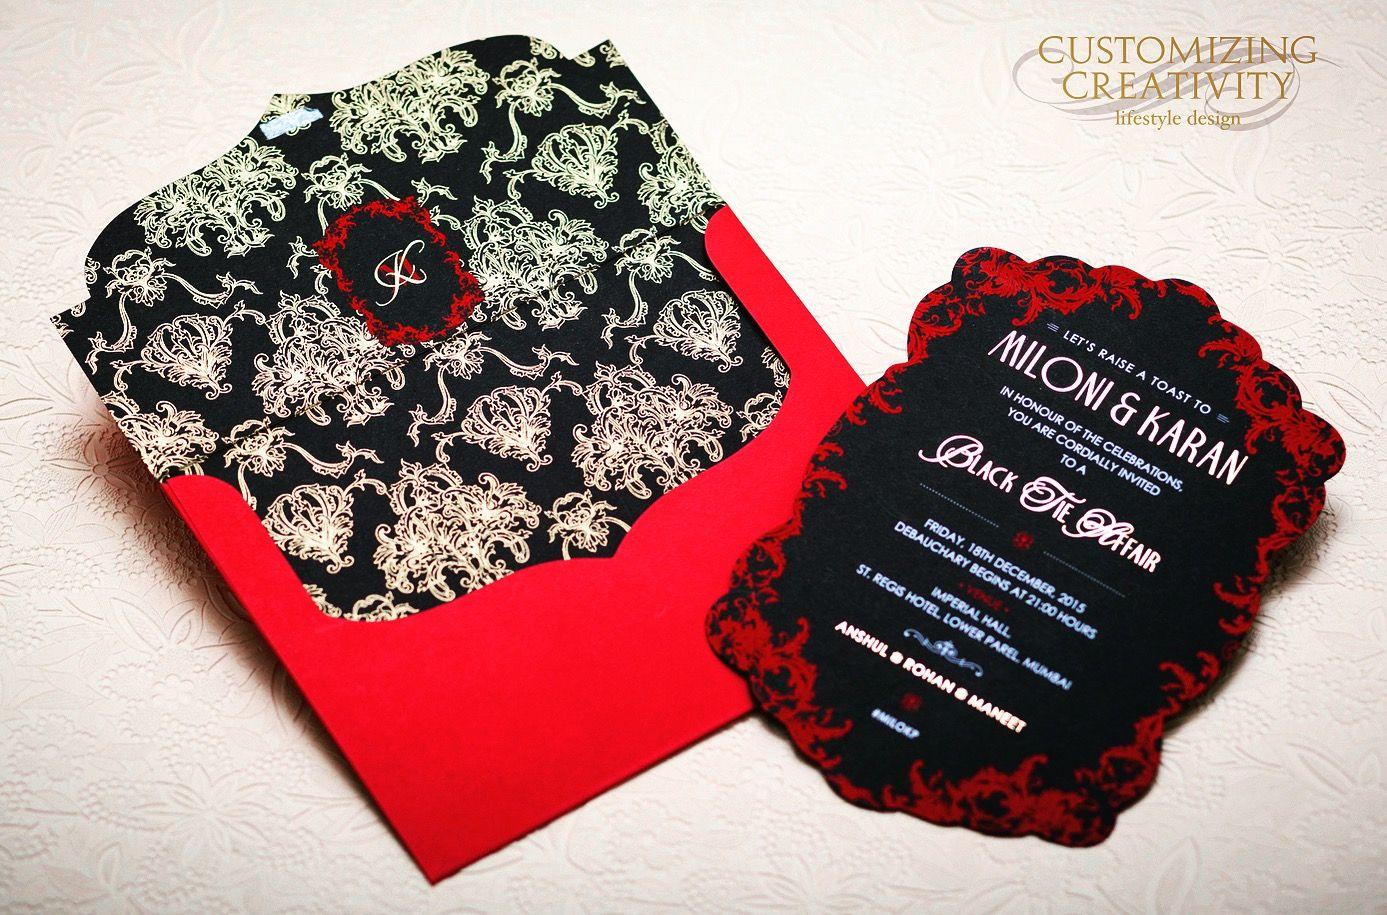 wedding invitation cards mumbai india%0A Wedding Logo  Wedding Invitations cards  Indian wedding cards invites   Wedding Stationery